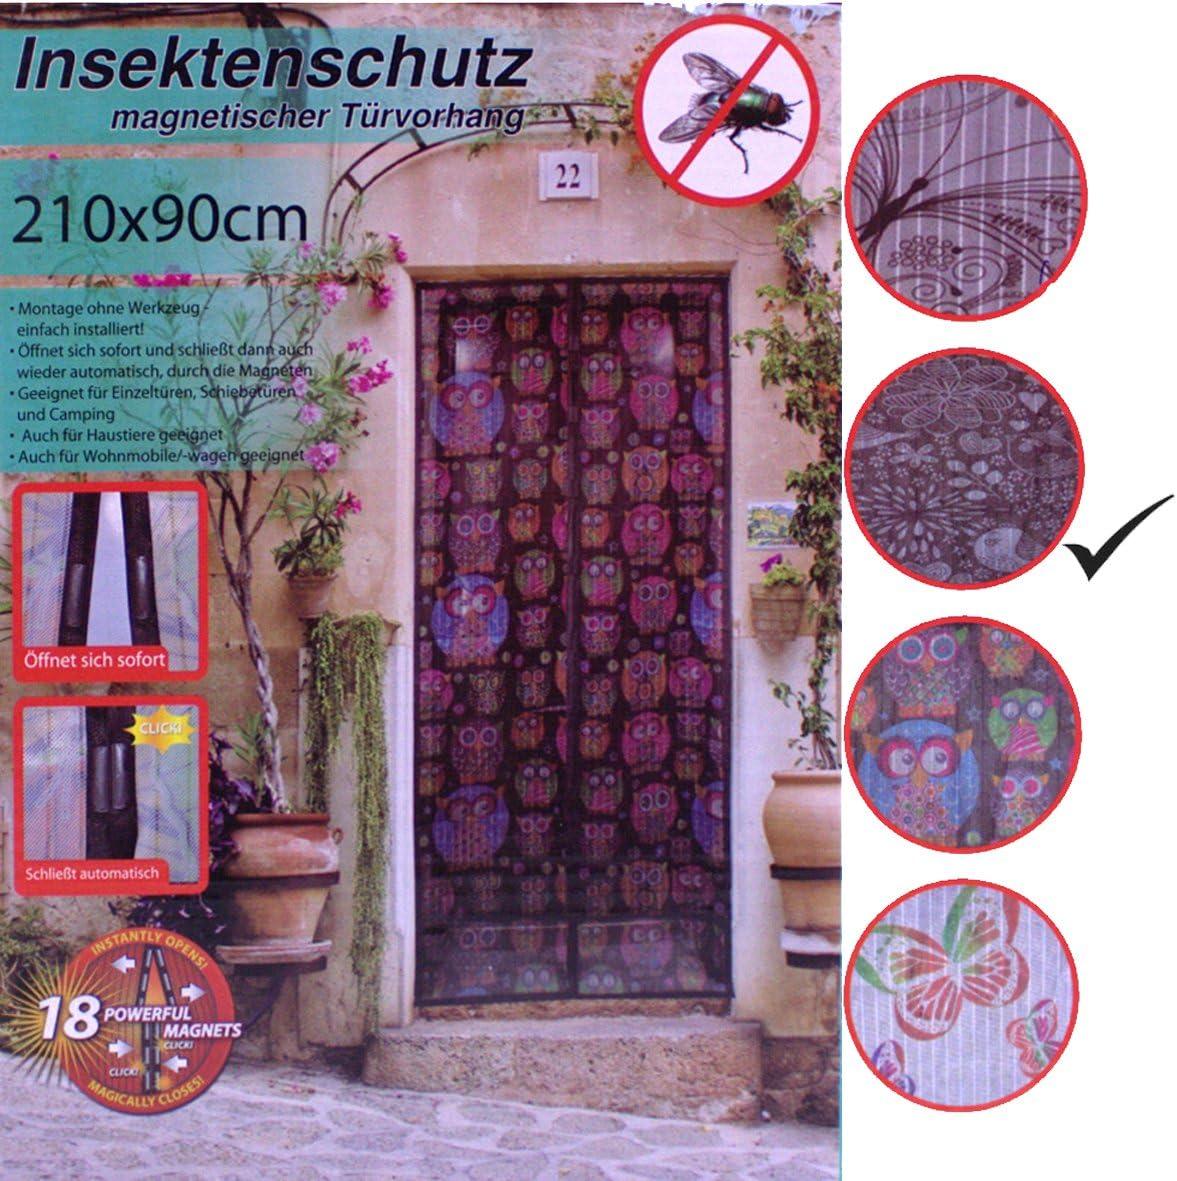 Magnetischer Fliegenvorhang Moskitonetz 95x190cm Magnetische Adsorption Faltbar Wei/ß Auto Schlie/ßen Luft kann frei str/ömen Insektenschutz Magnet Fliegenvorhang for T/üren//Patio